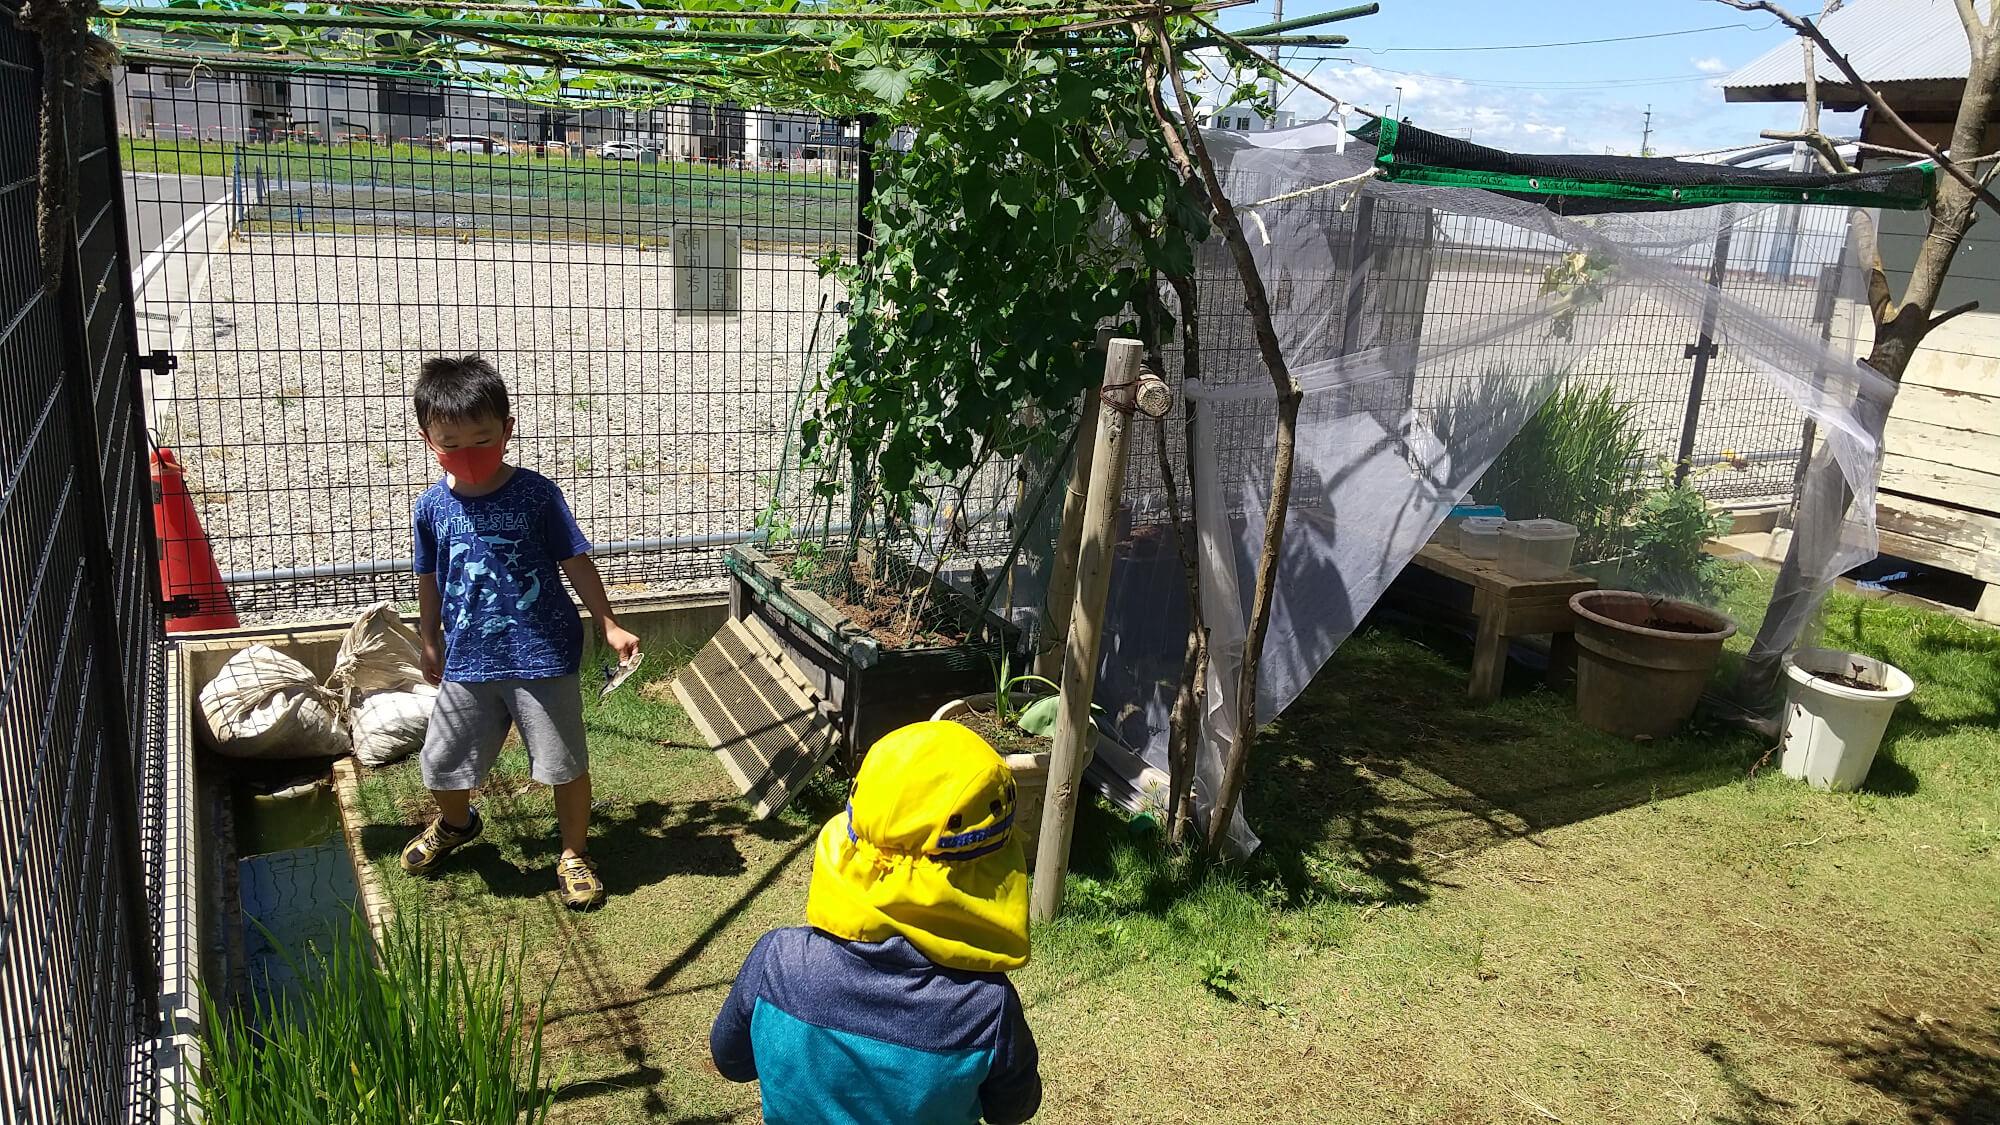 庭の虫ハウスで遊ぶ子ども